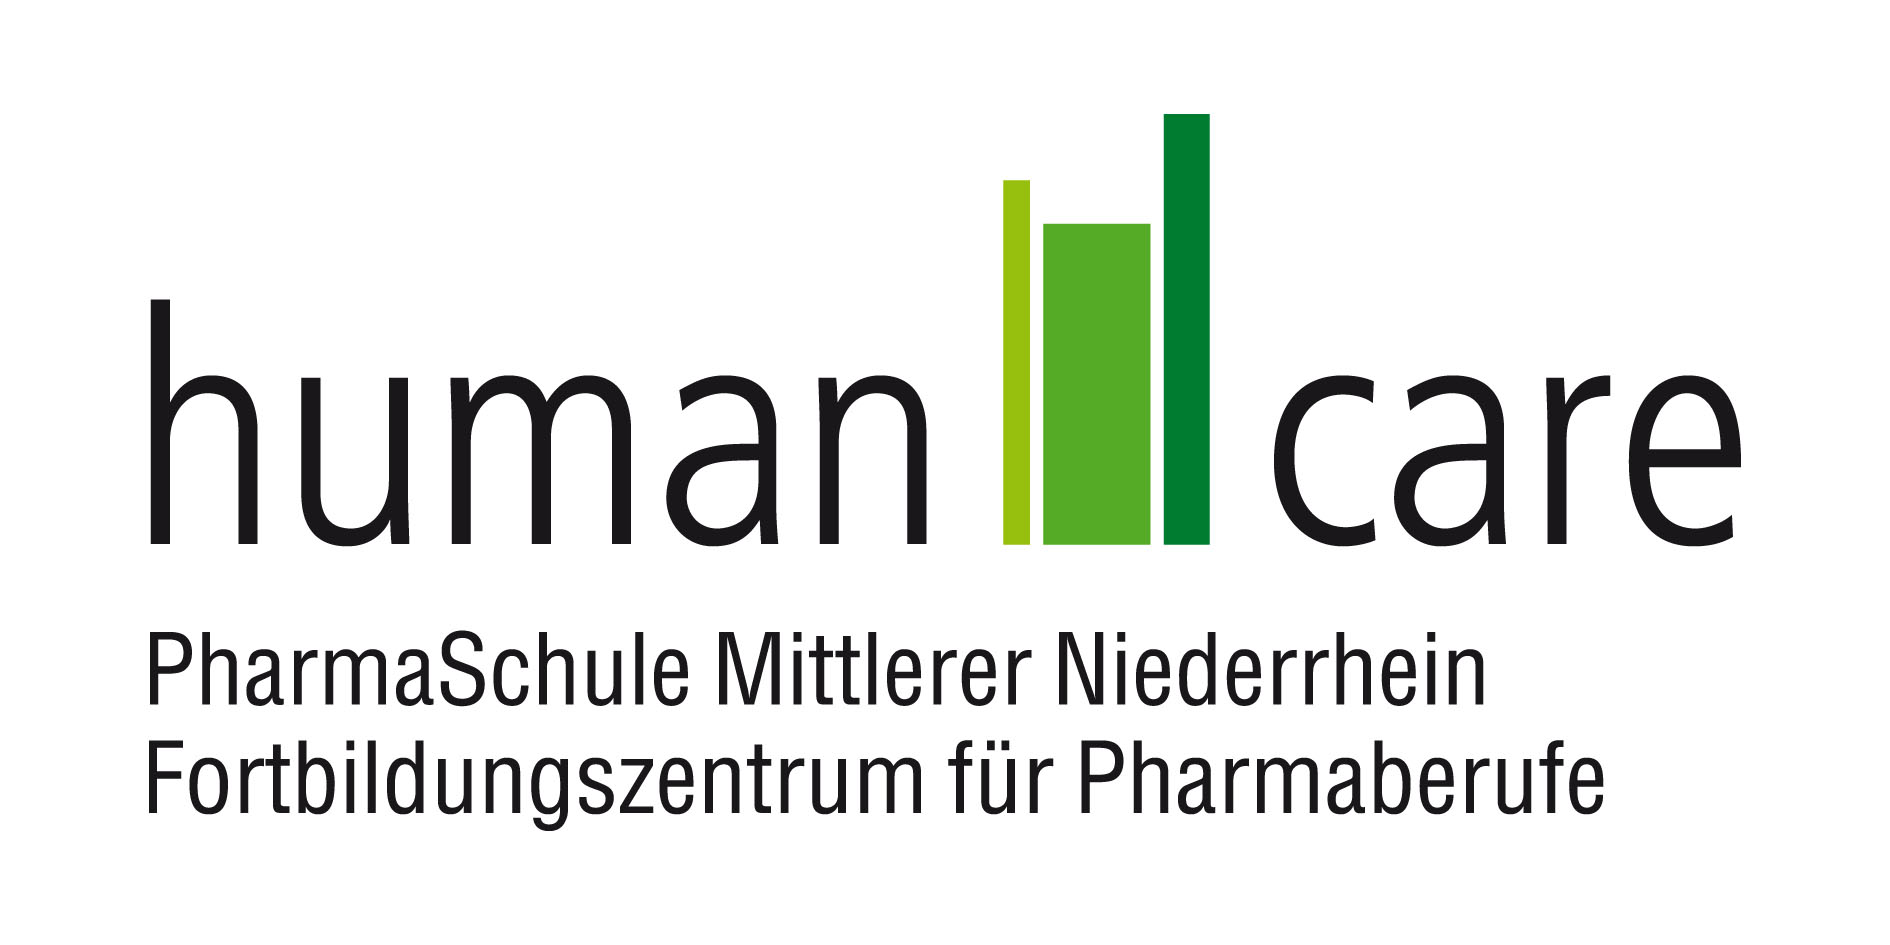 PharmaSchule Mittlerer Niederrhein